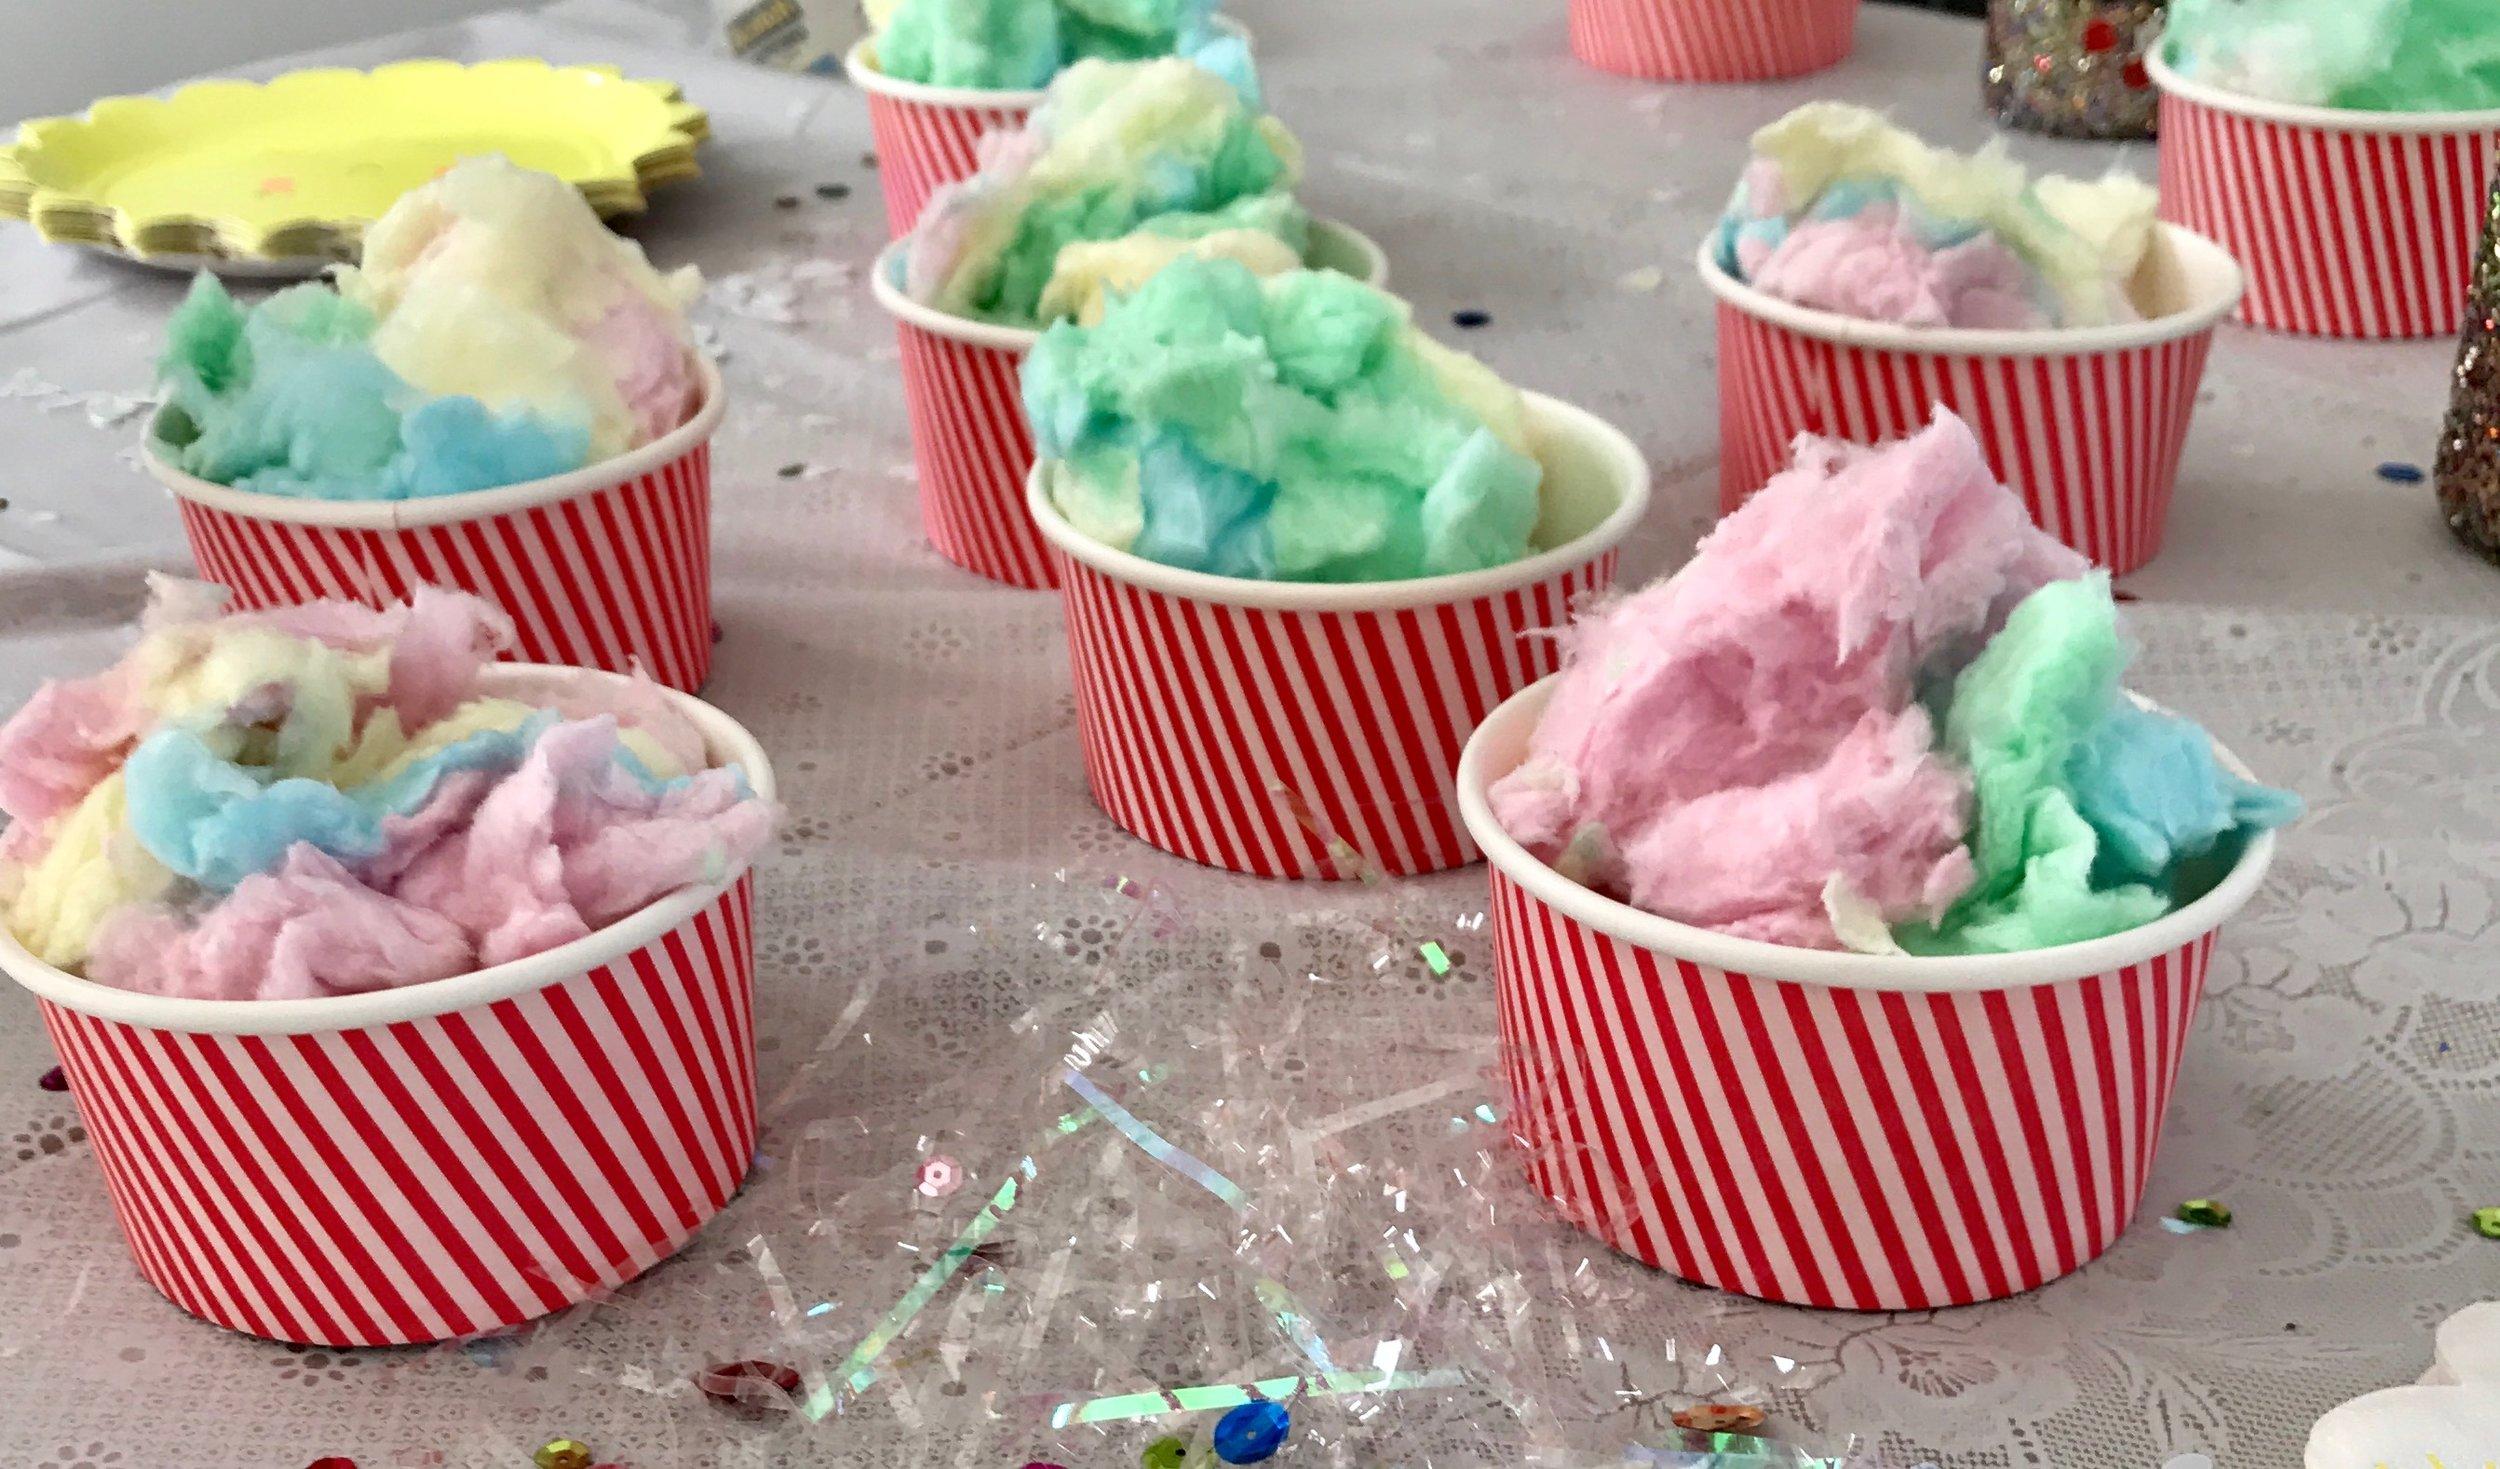 Vi la sockervadd i glassbägare och delade ut det som Unicorn poo och alla barnen var helt lyriska.